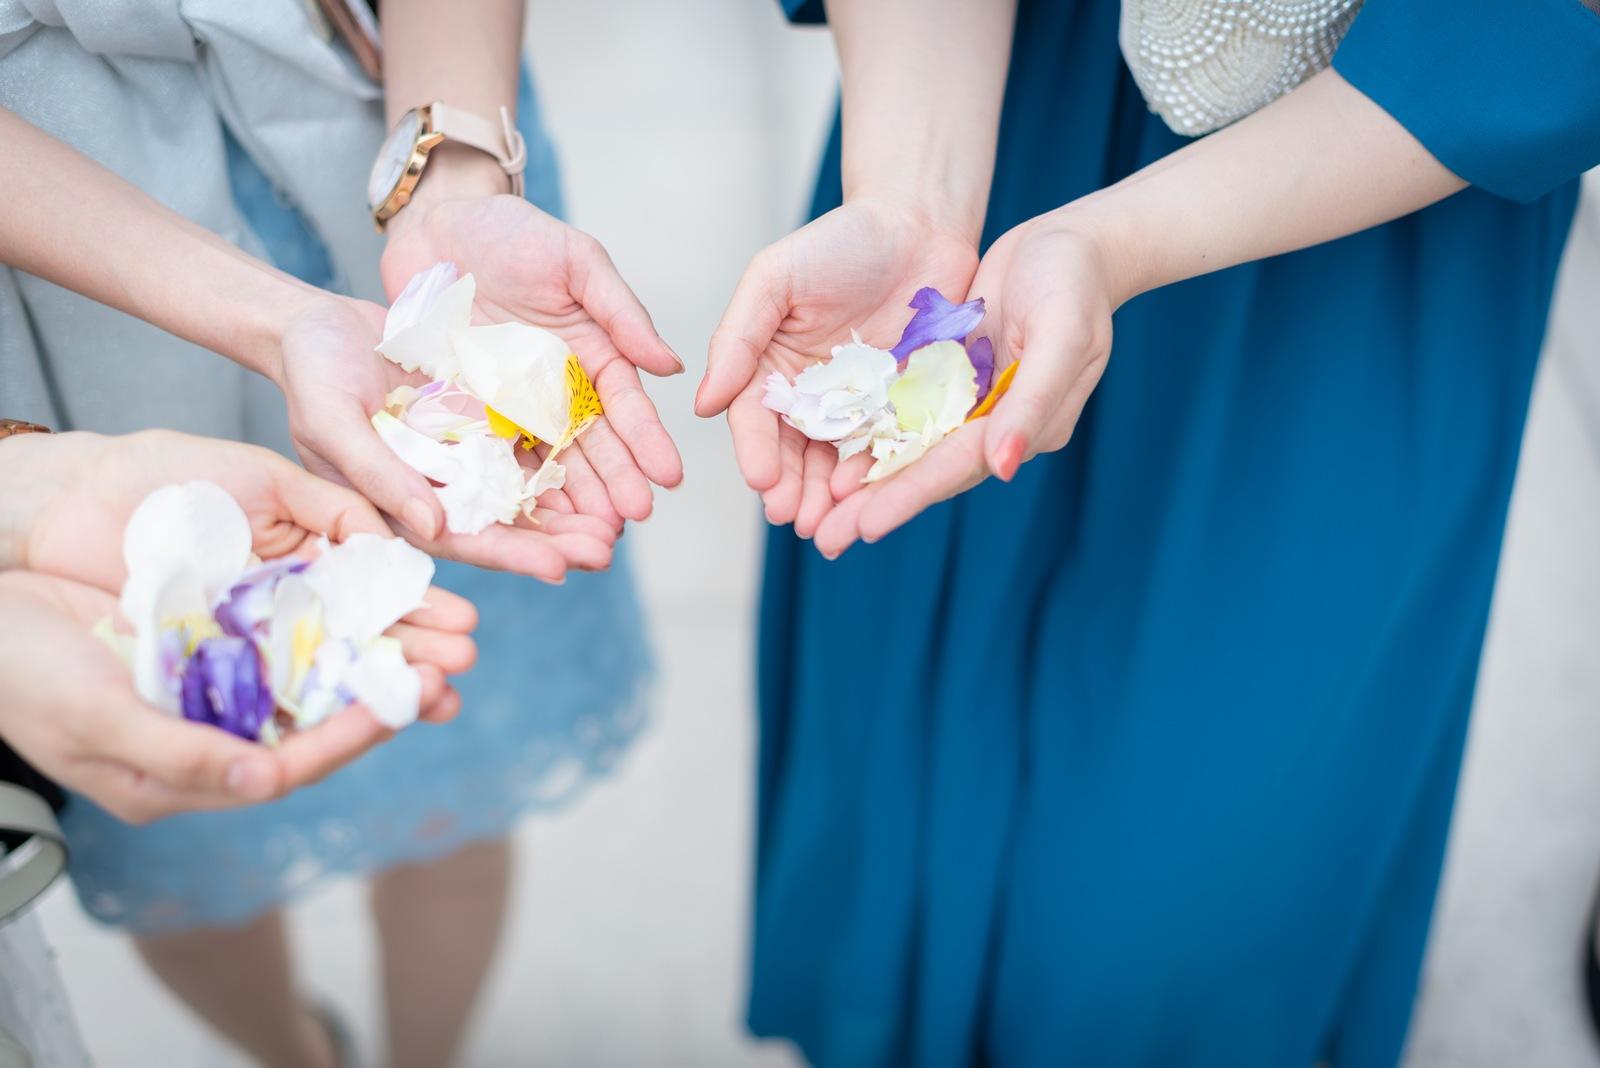 香川の結婚式場シェルエメール&アイスタイル フラワーシャワー